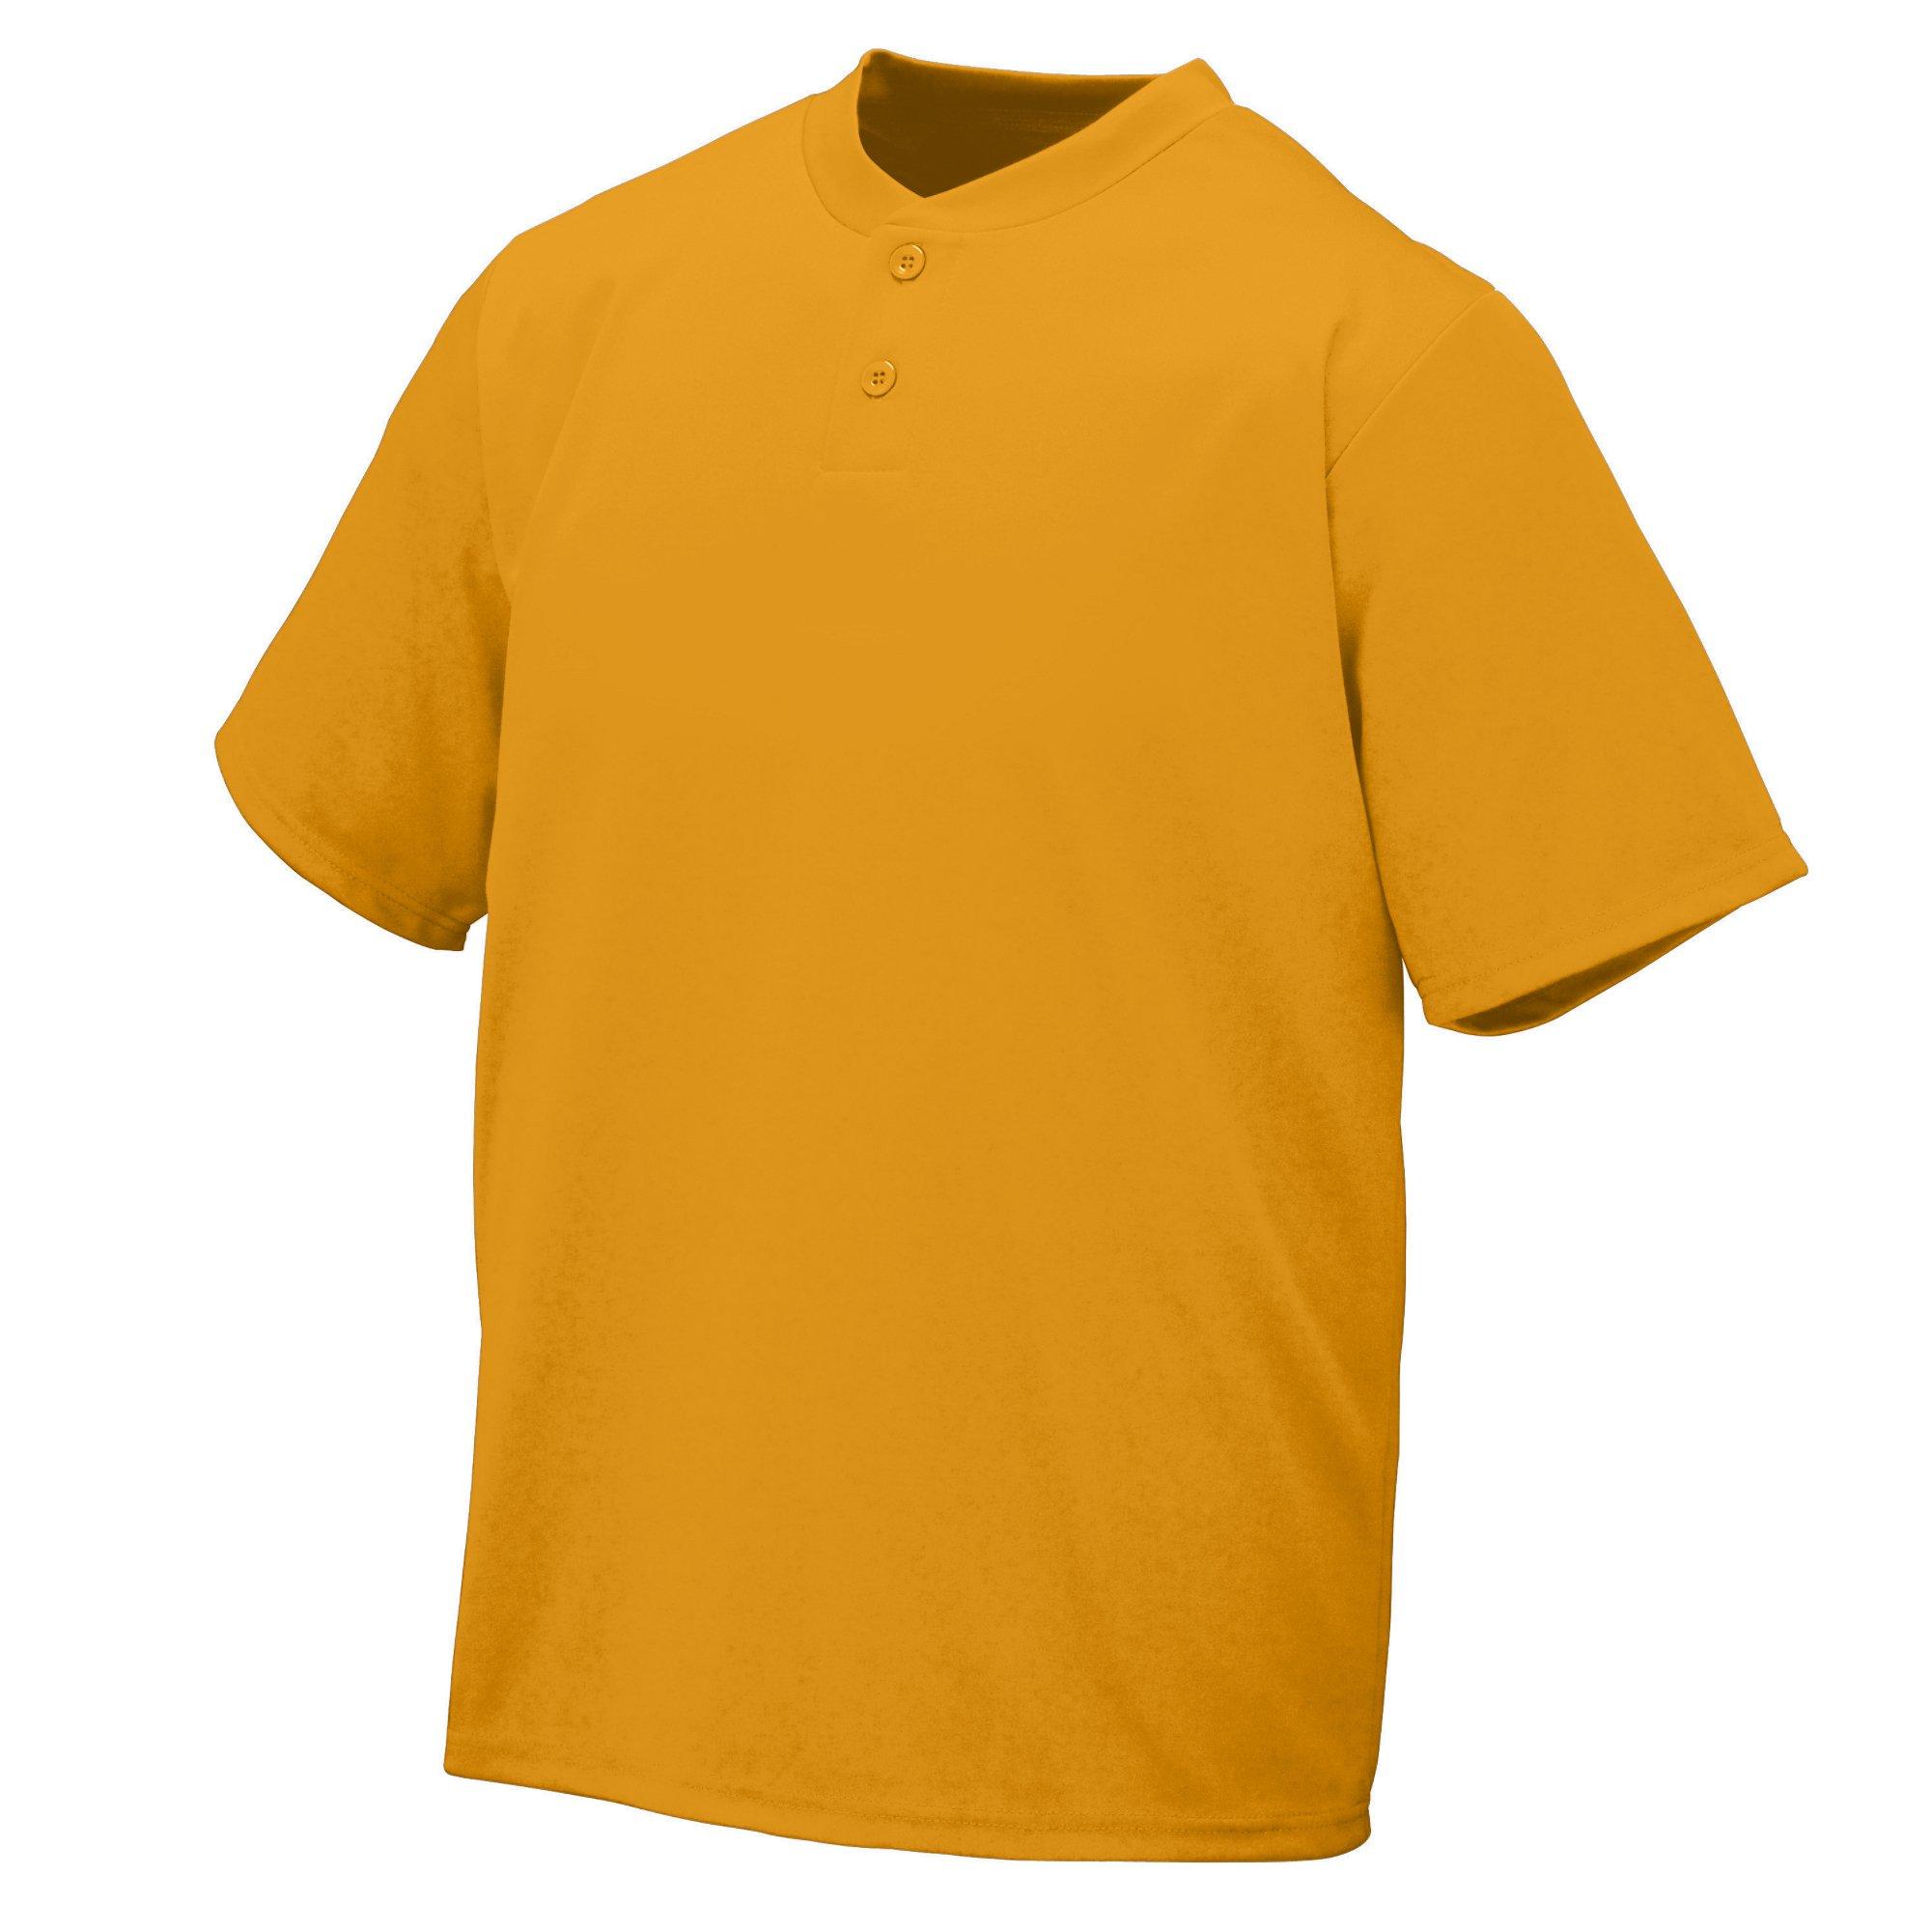 Augusta Sportswear Wicking Two-Button Jersey 2XL Gold by Augusta Sportswear